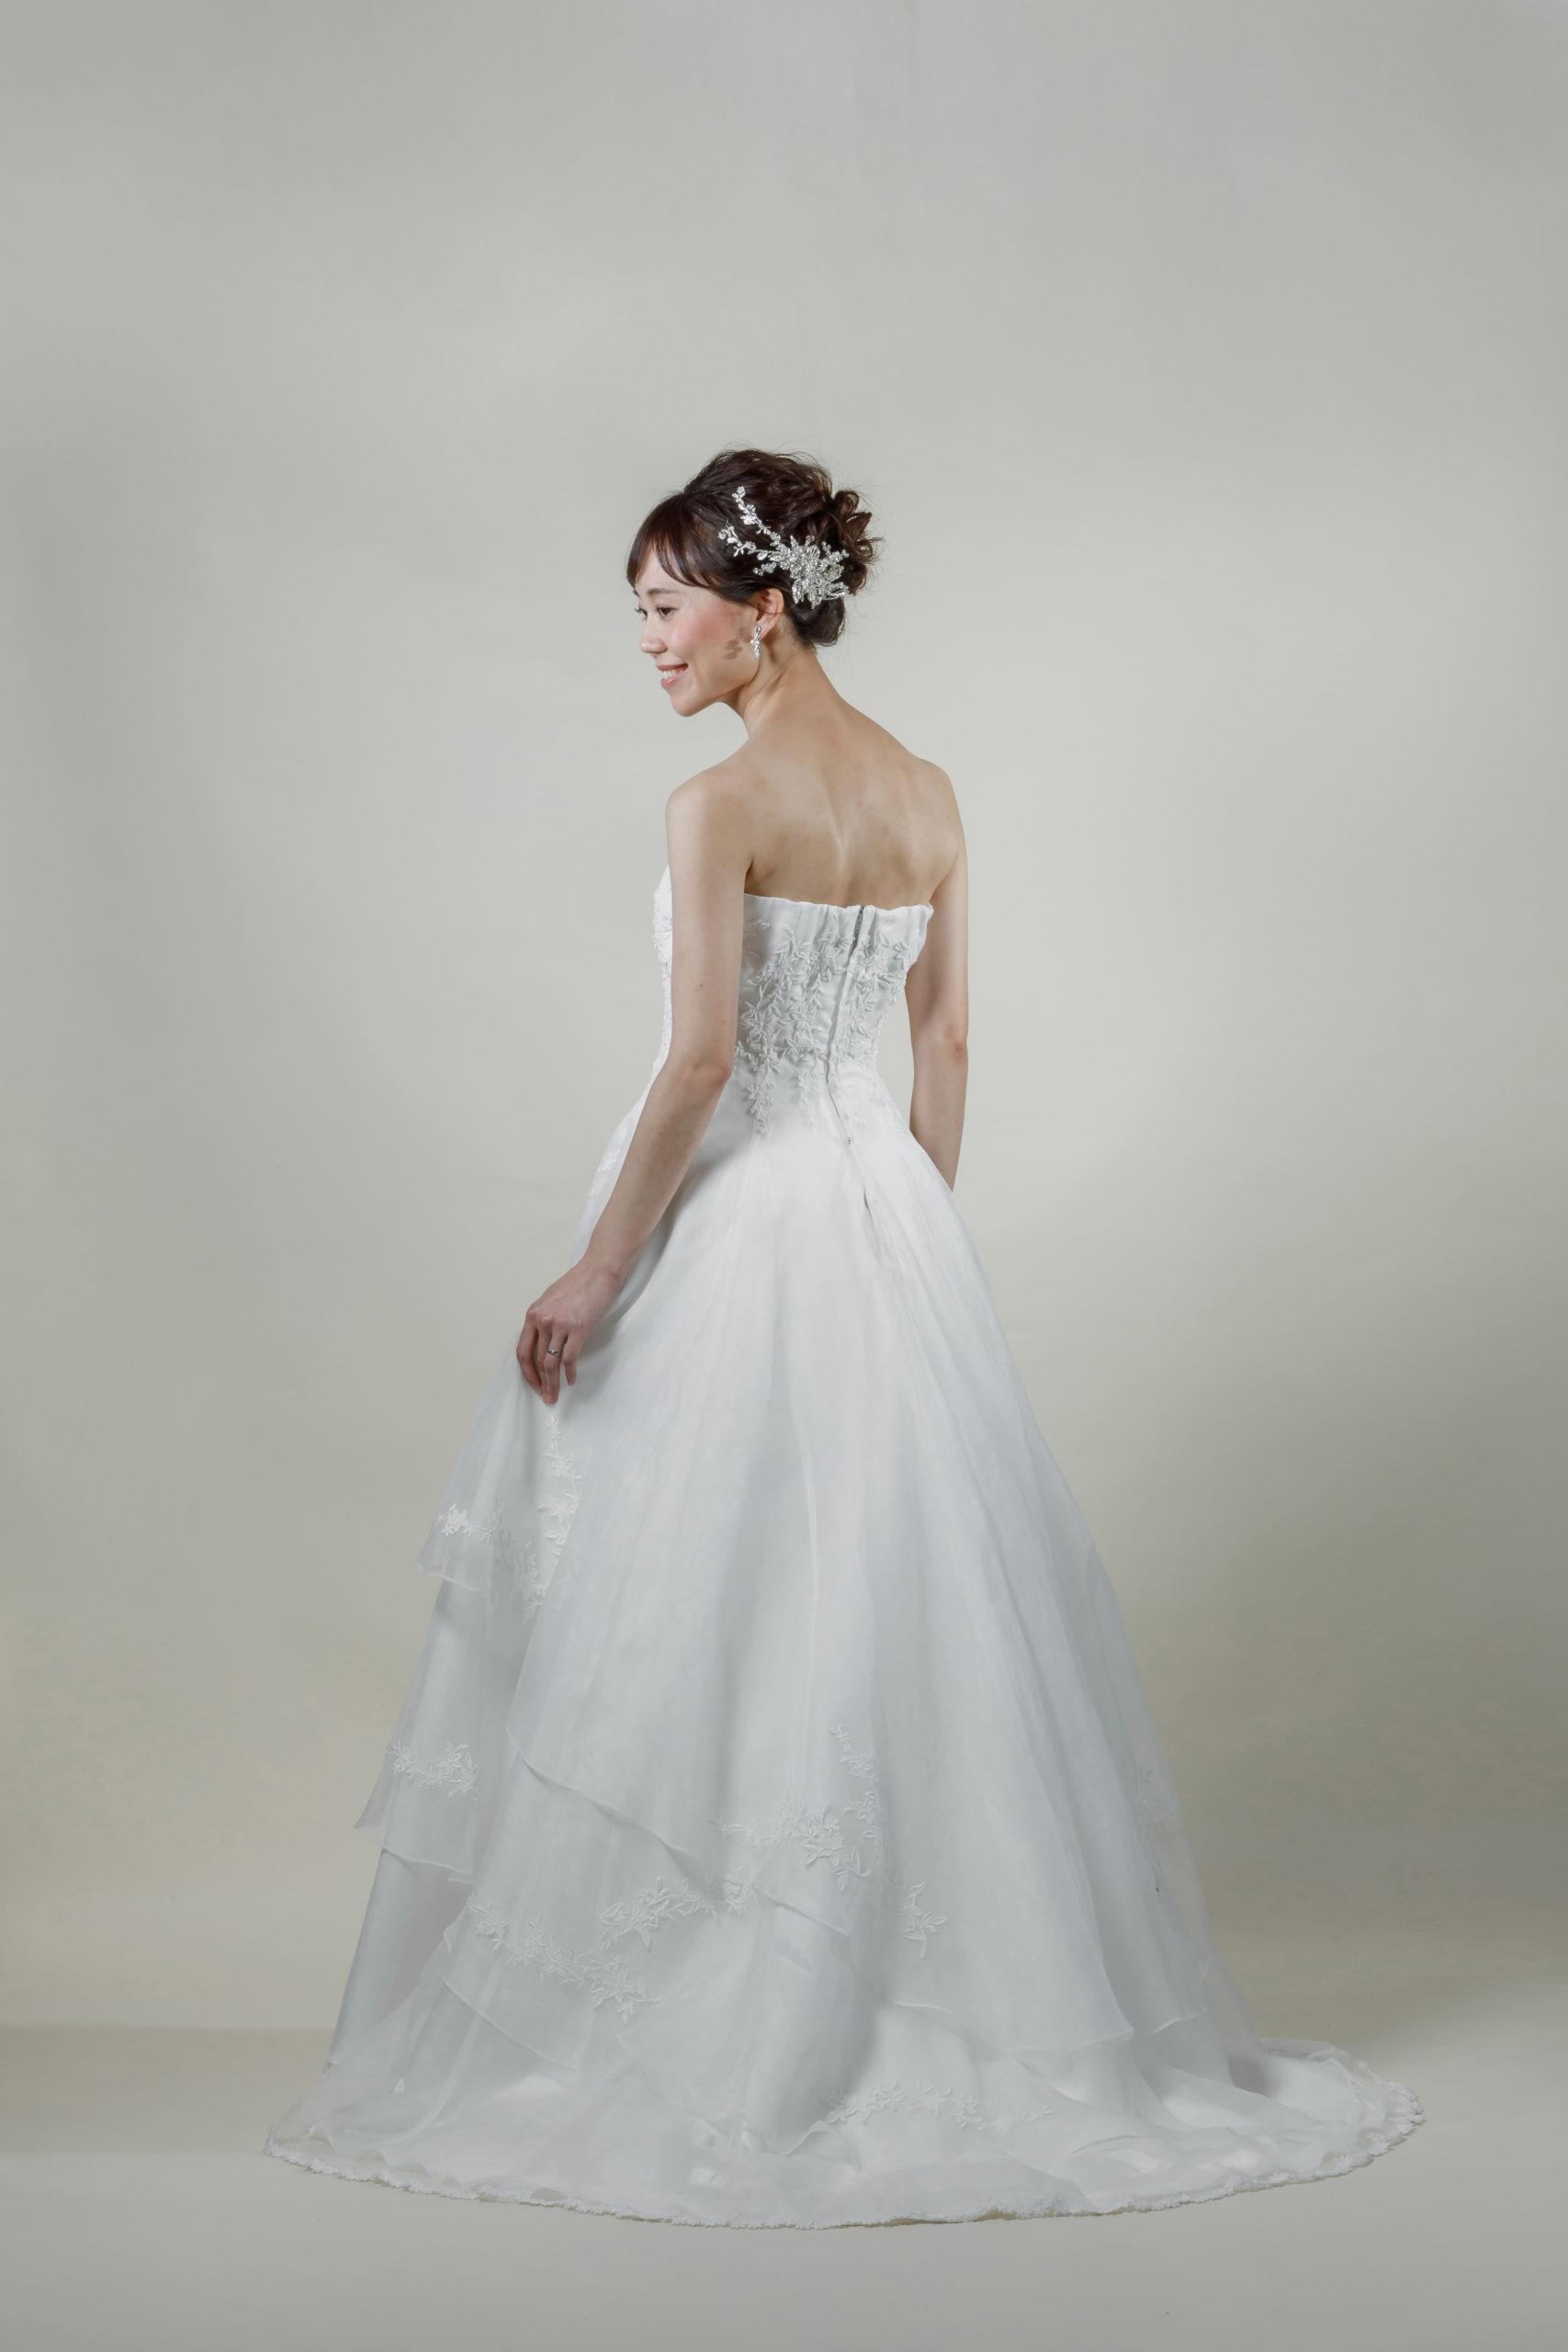 洋装 ウェディング ドレス 前撮り 後ろ向き画像 W918 スタンダードコレクション